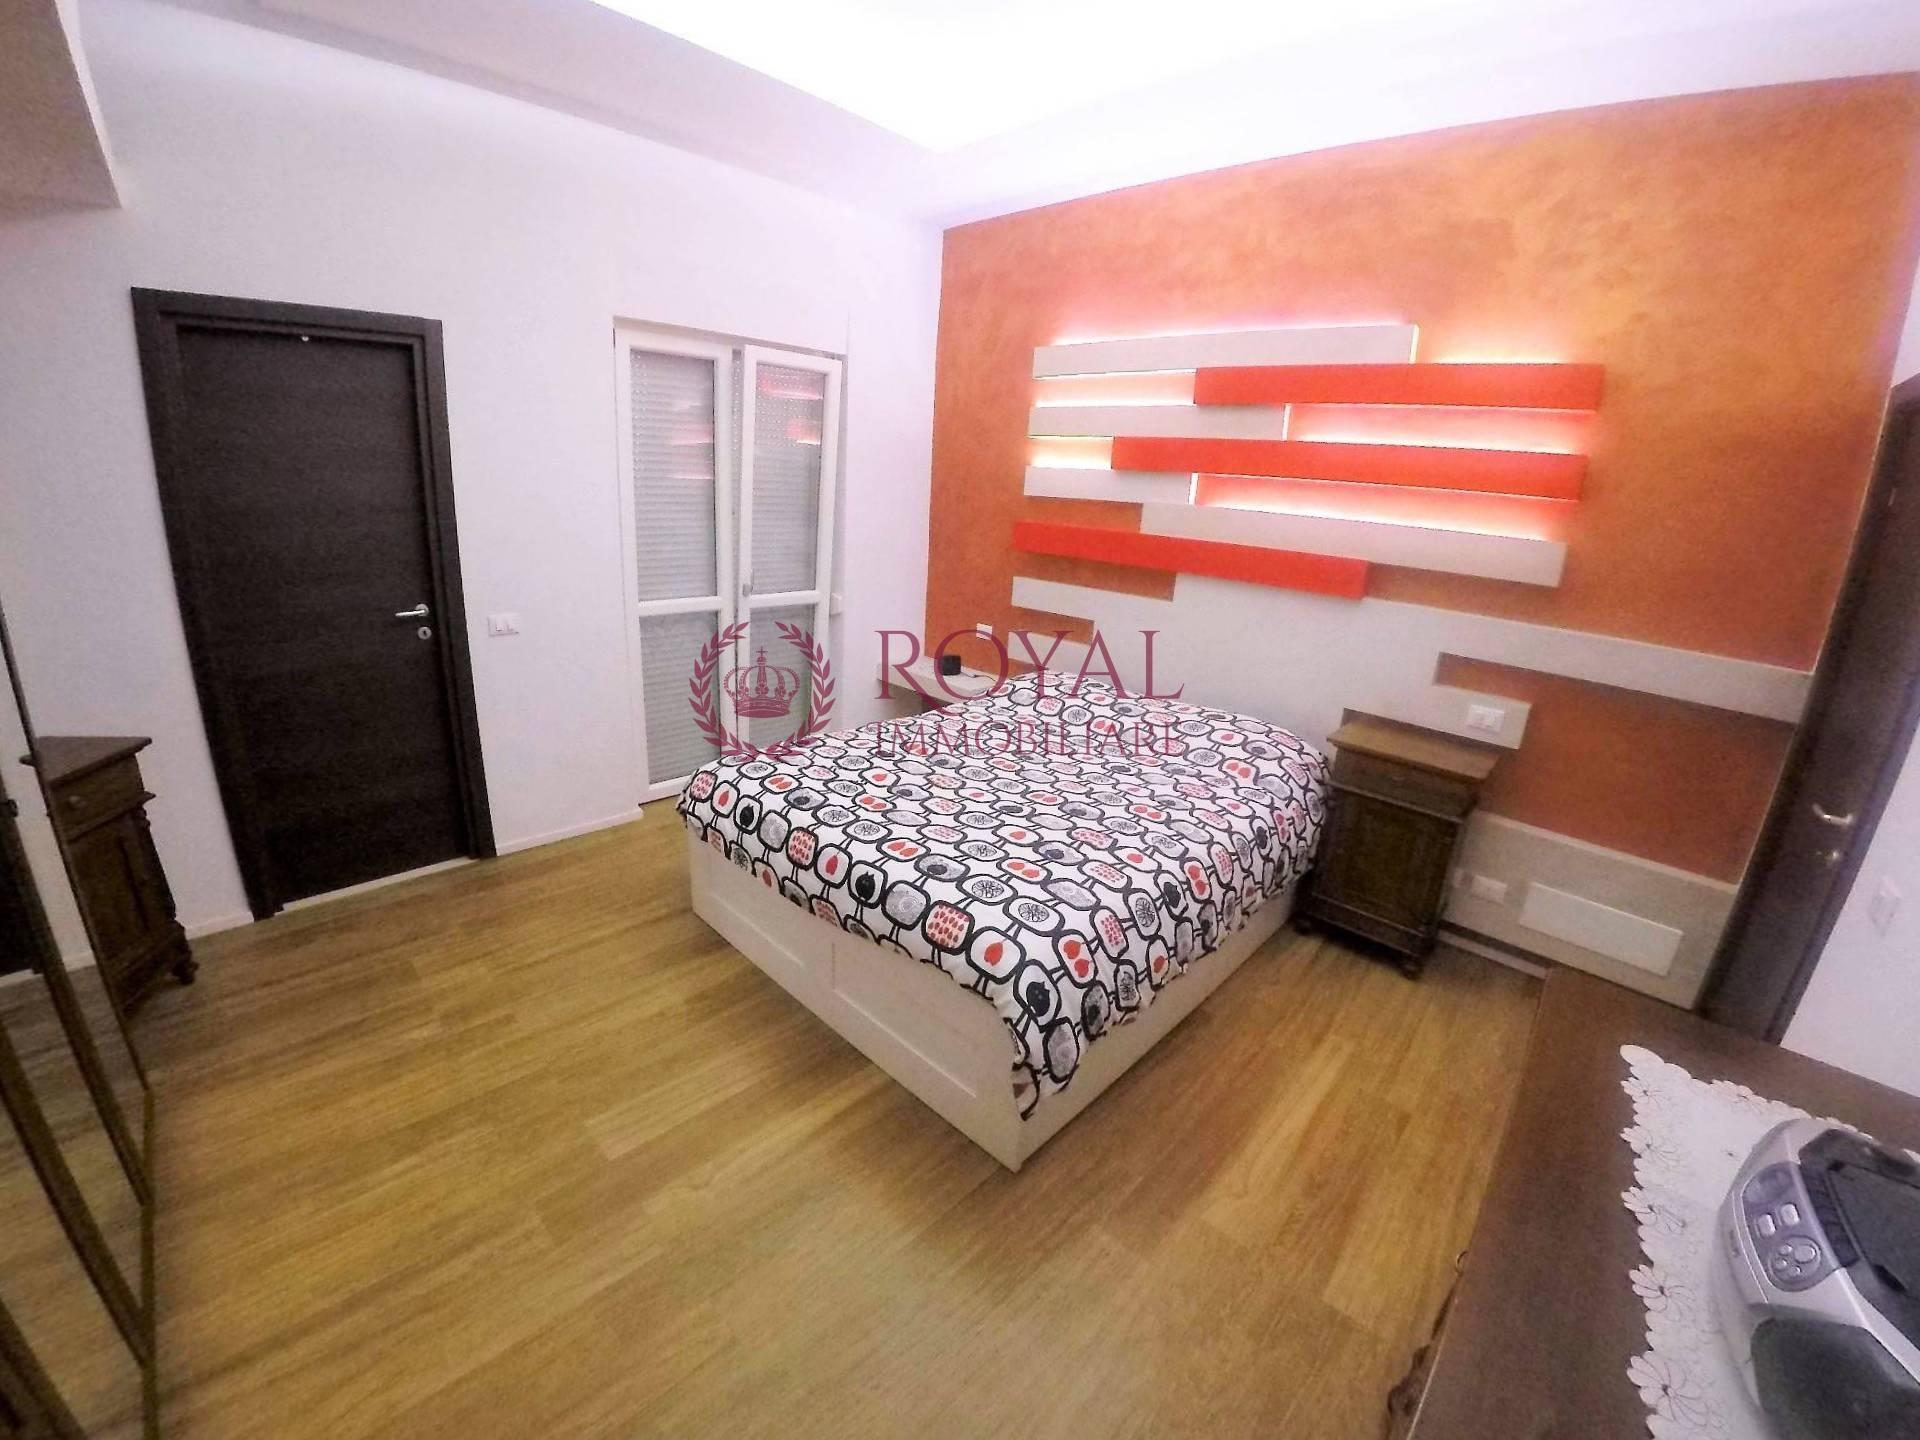 vendita appartamento livorno periferia nord  250000 euro  4 locali  160 mq